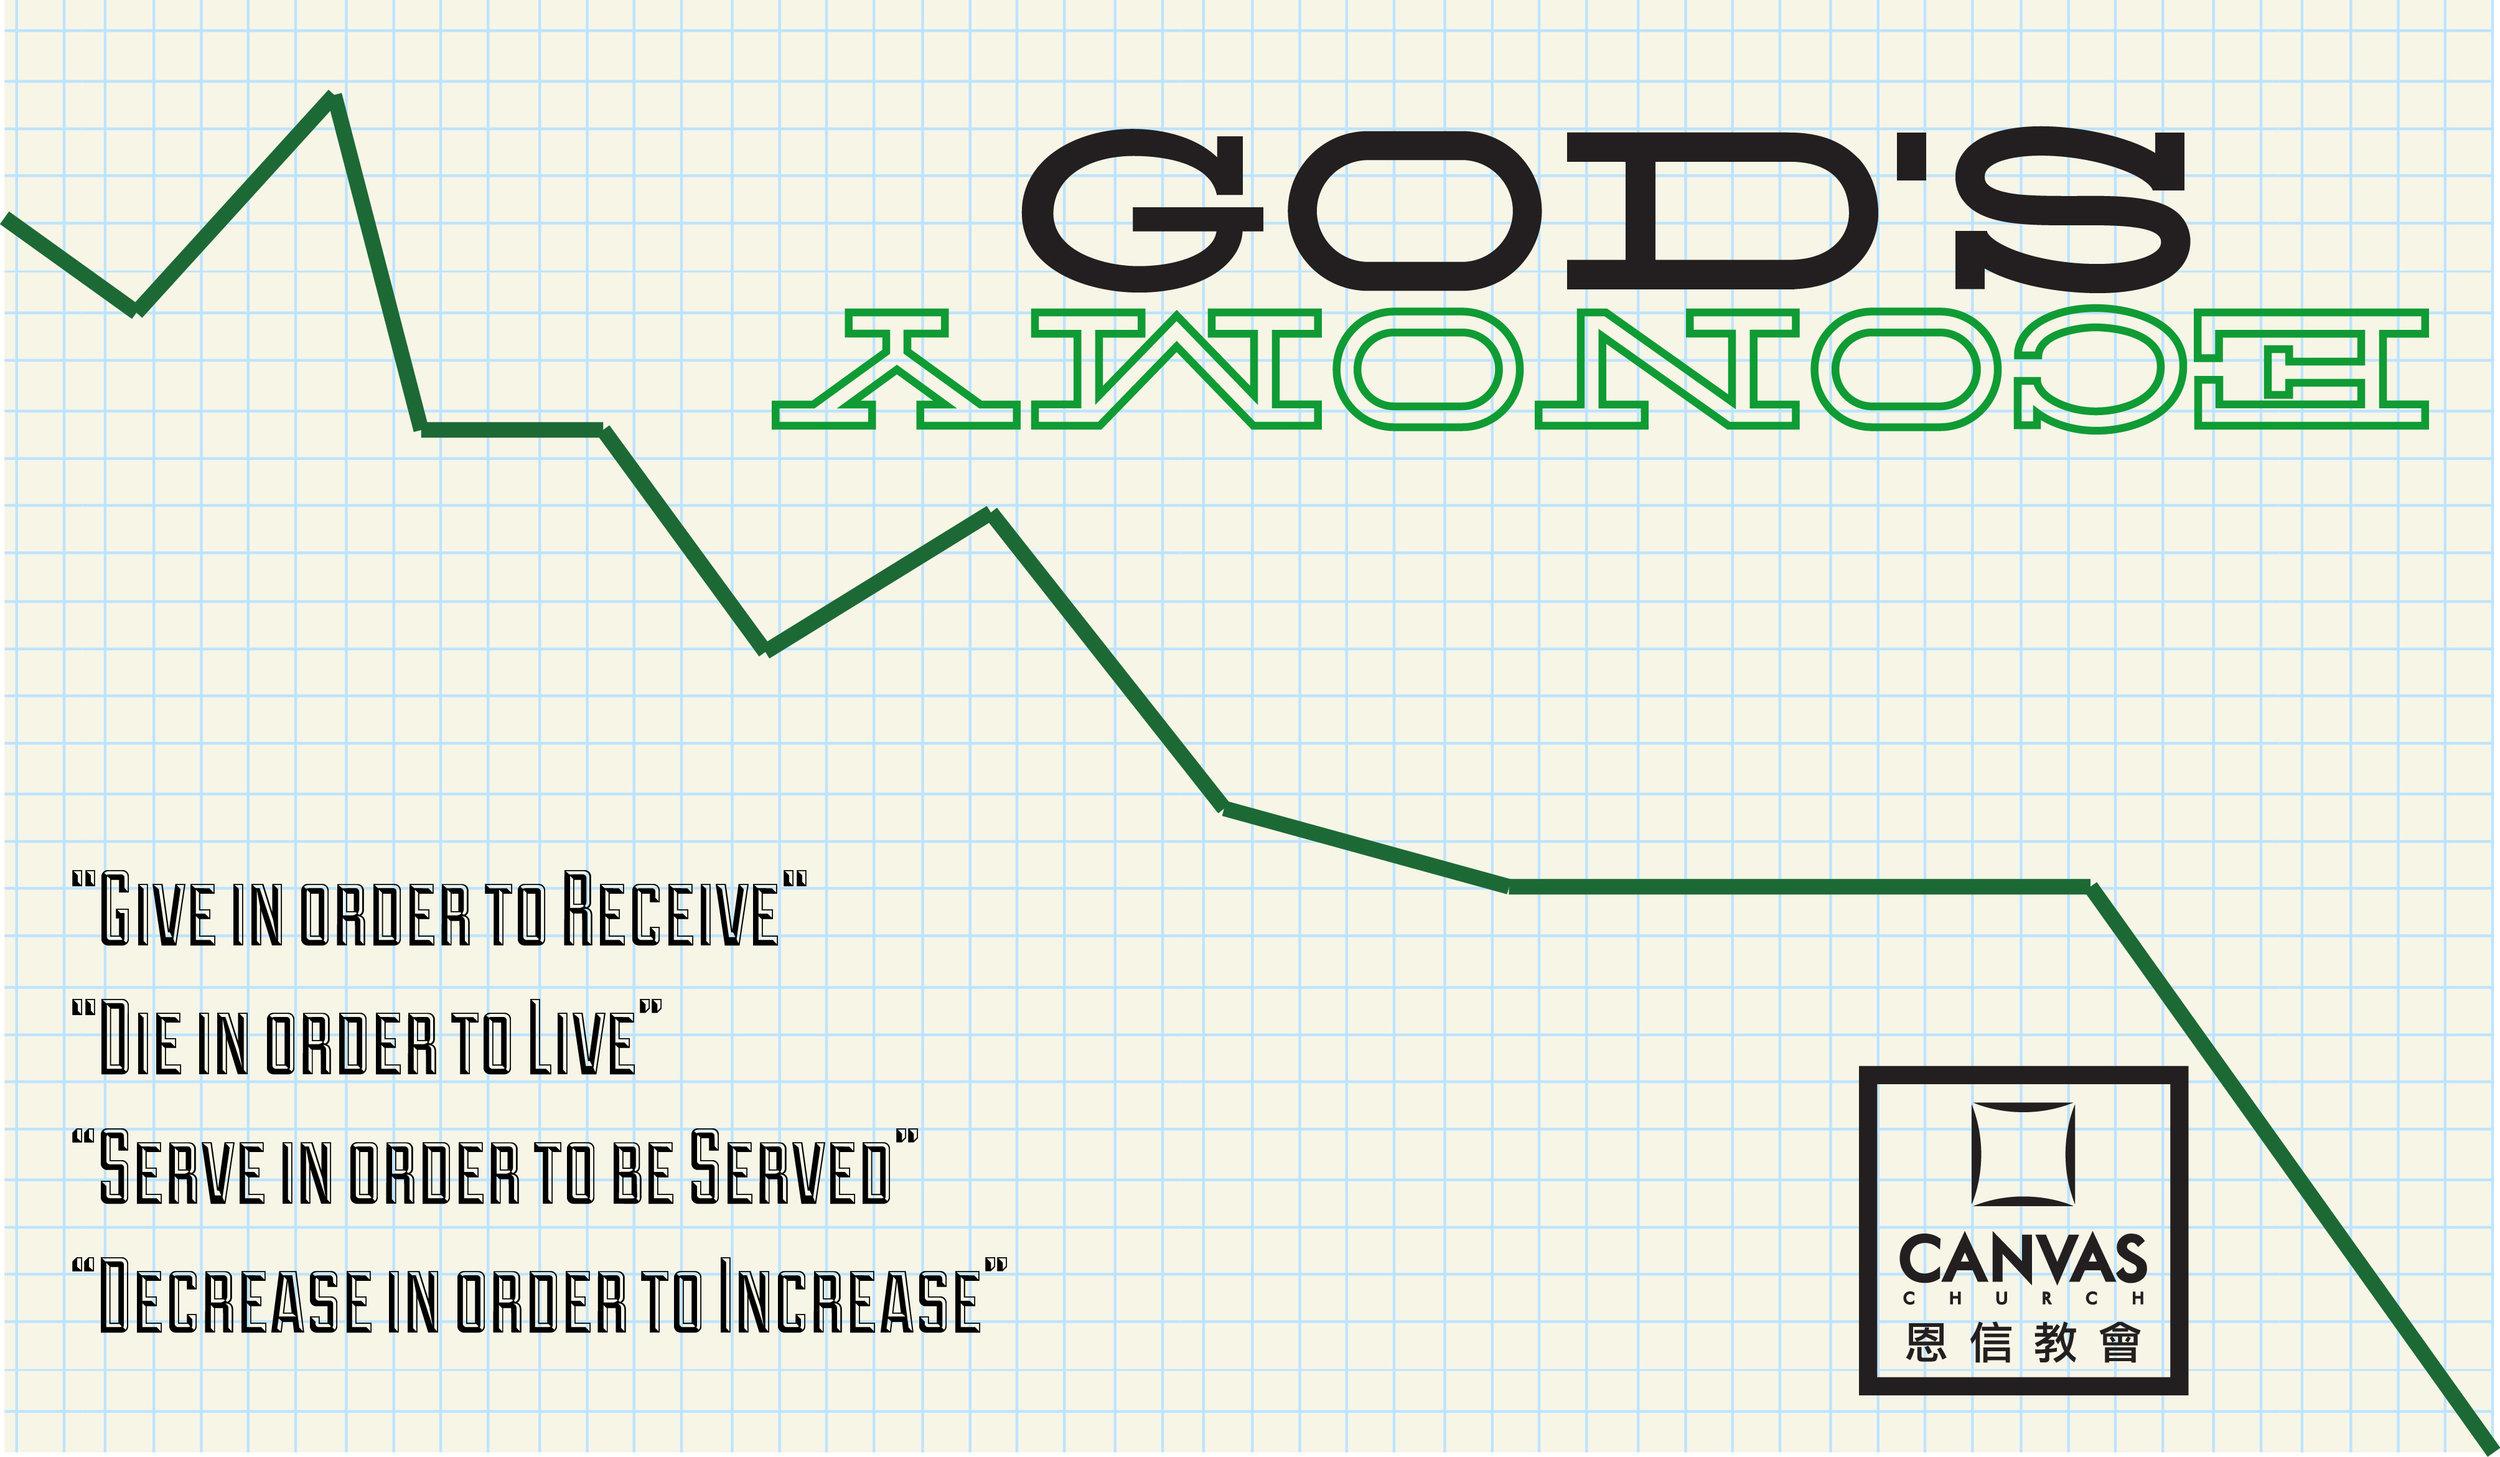 GOD'S ECONOMY.jpg